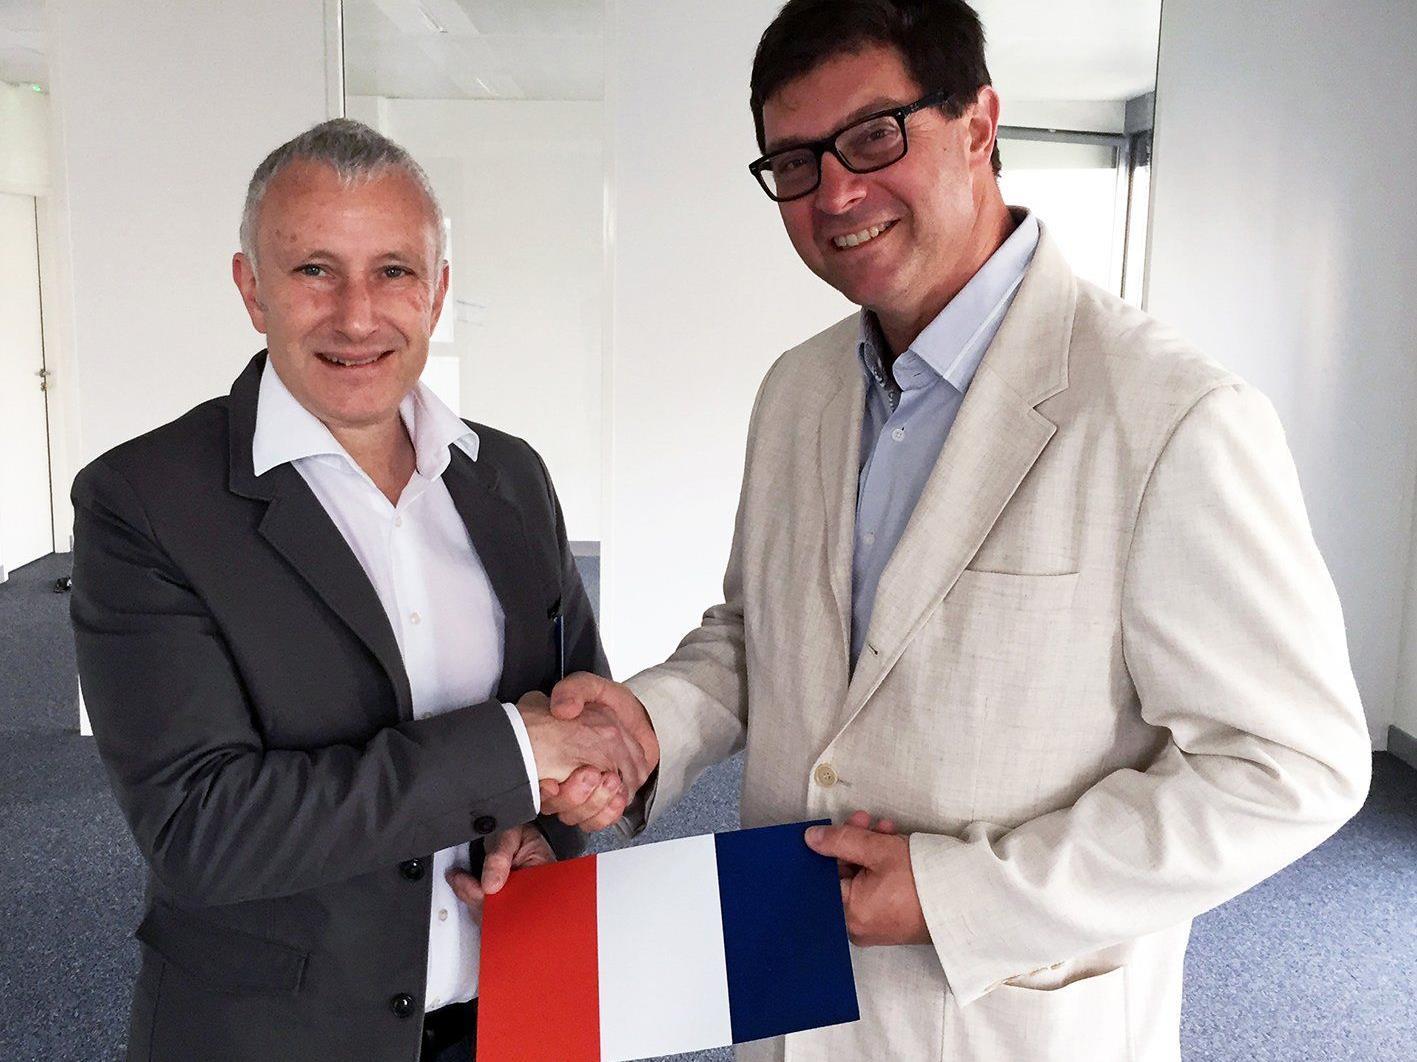 Jürgen Rainalter, CEO von Getzner Werkstoffe (links) und Frédéric Caffin, Geschäftsführer von Getzner Frankreich, setzen in Frankreich gemeinsam Maßnahmen gegen Vibrationen und Lärm.